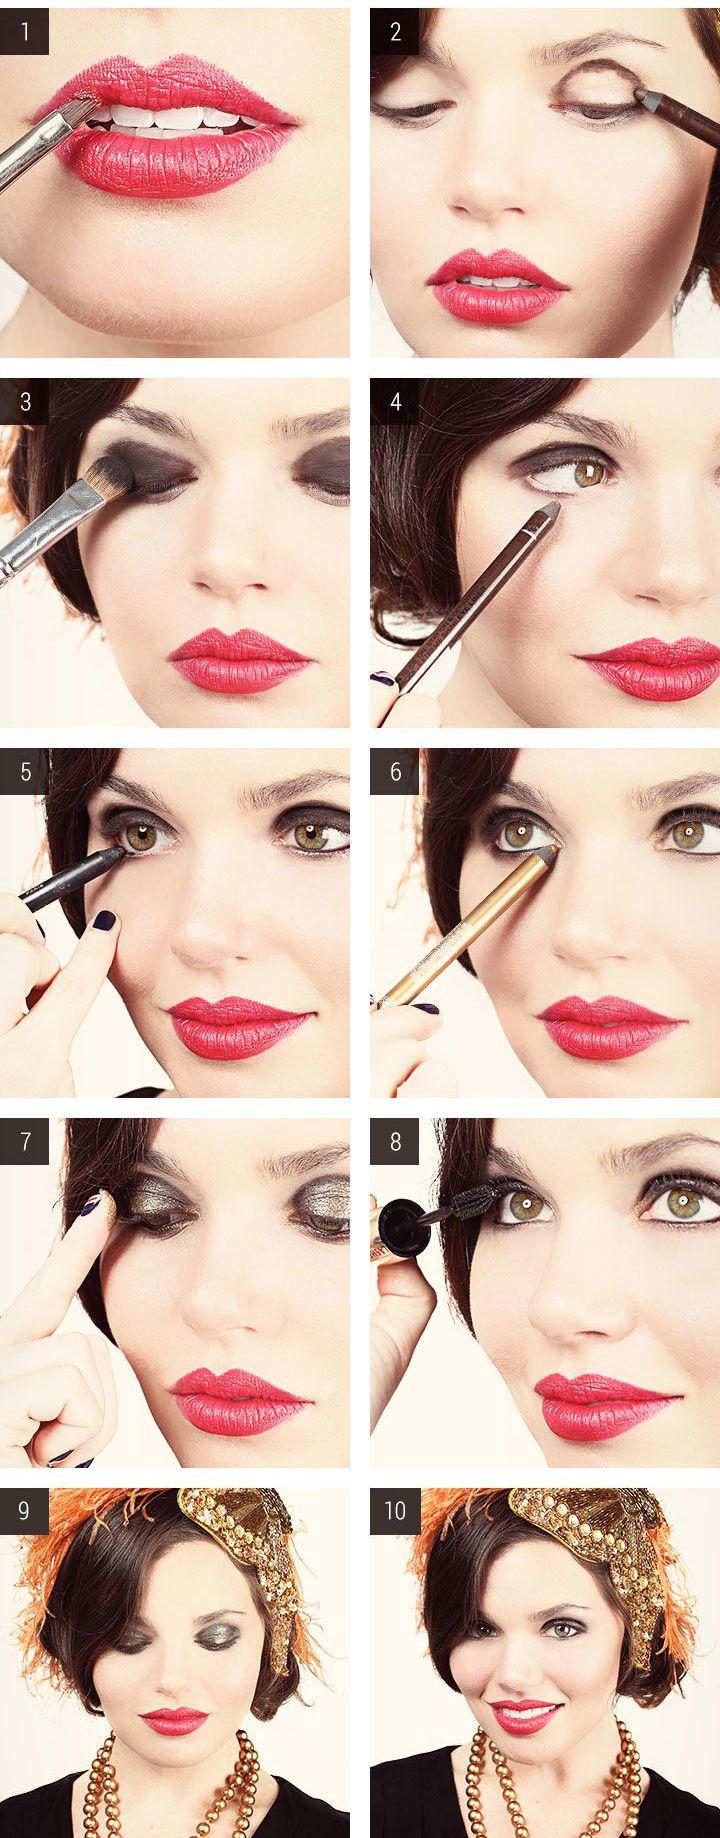 Tutorial para maquillaje de los años 20's ¡puro glamour!